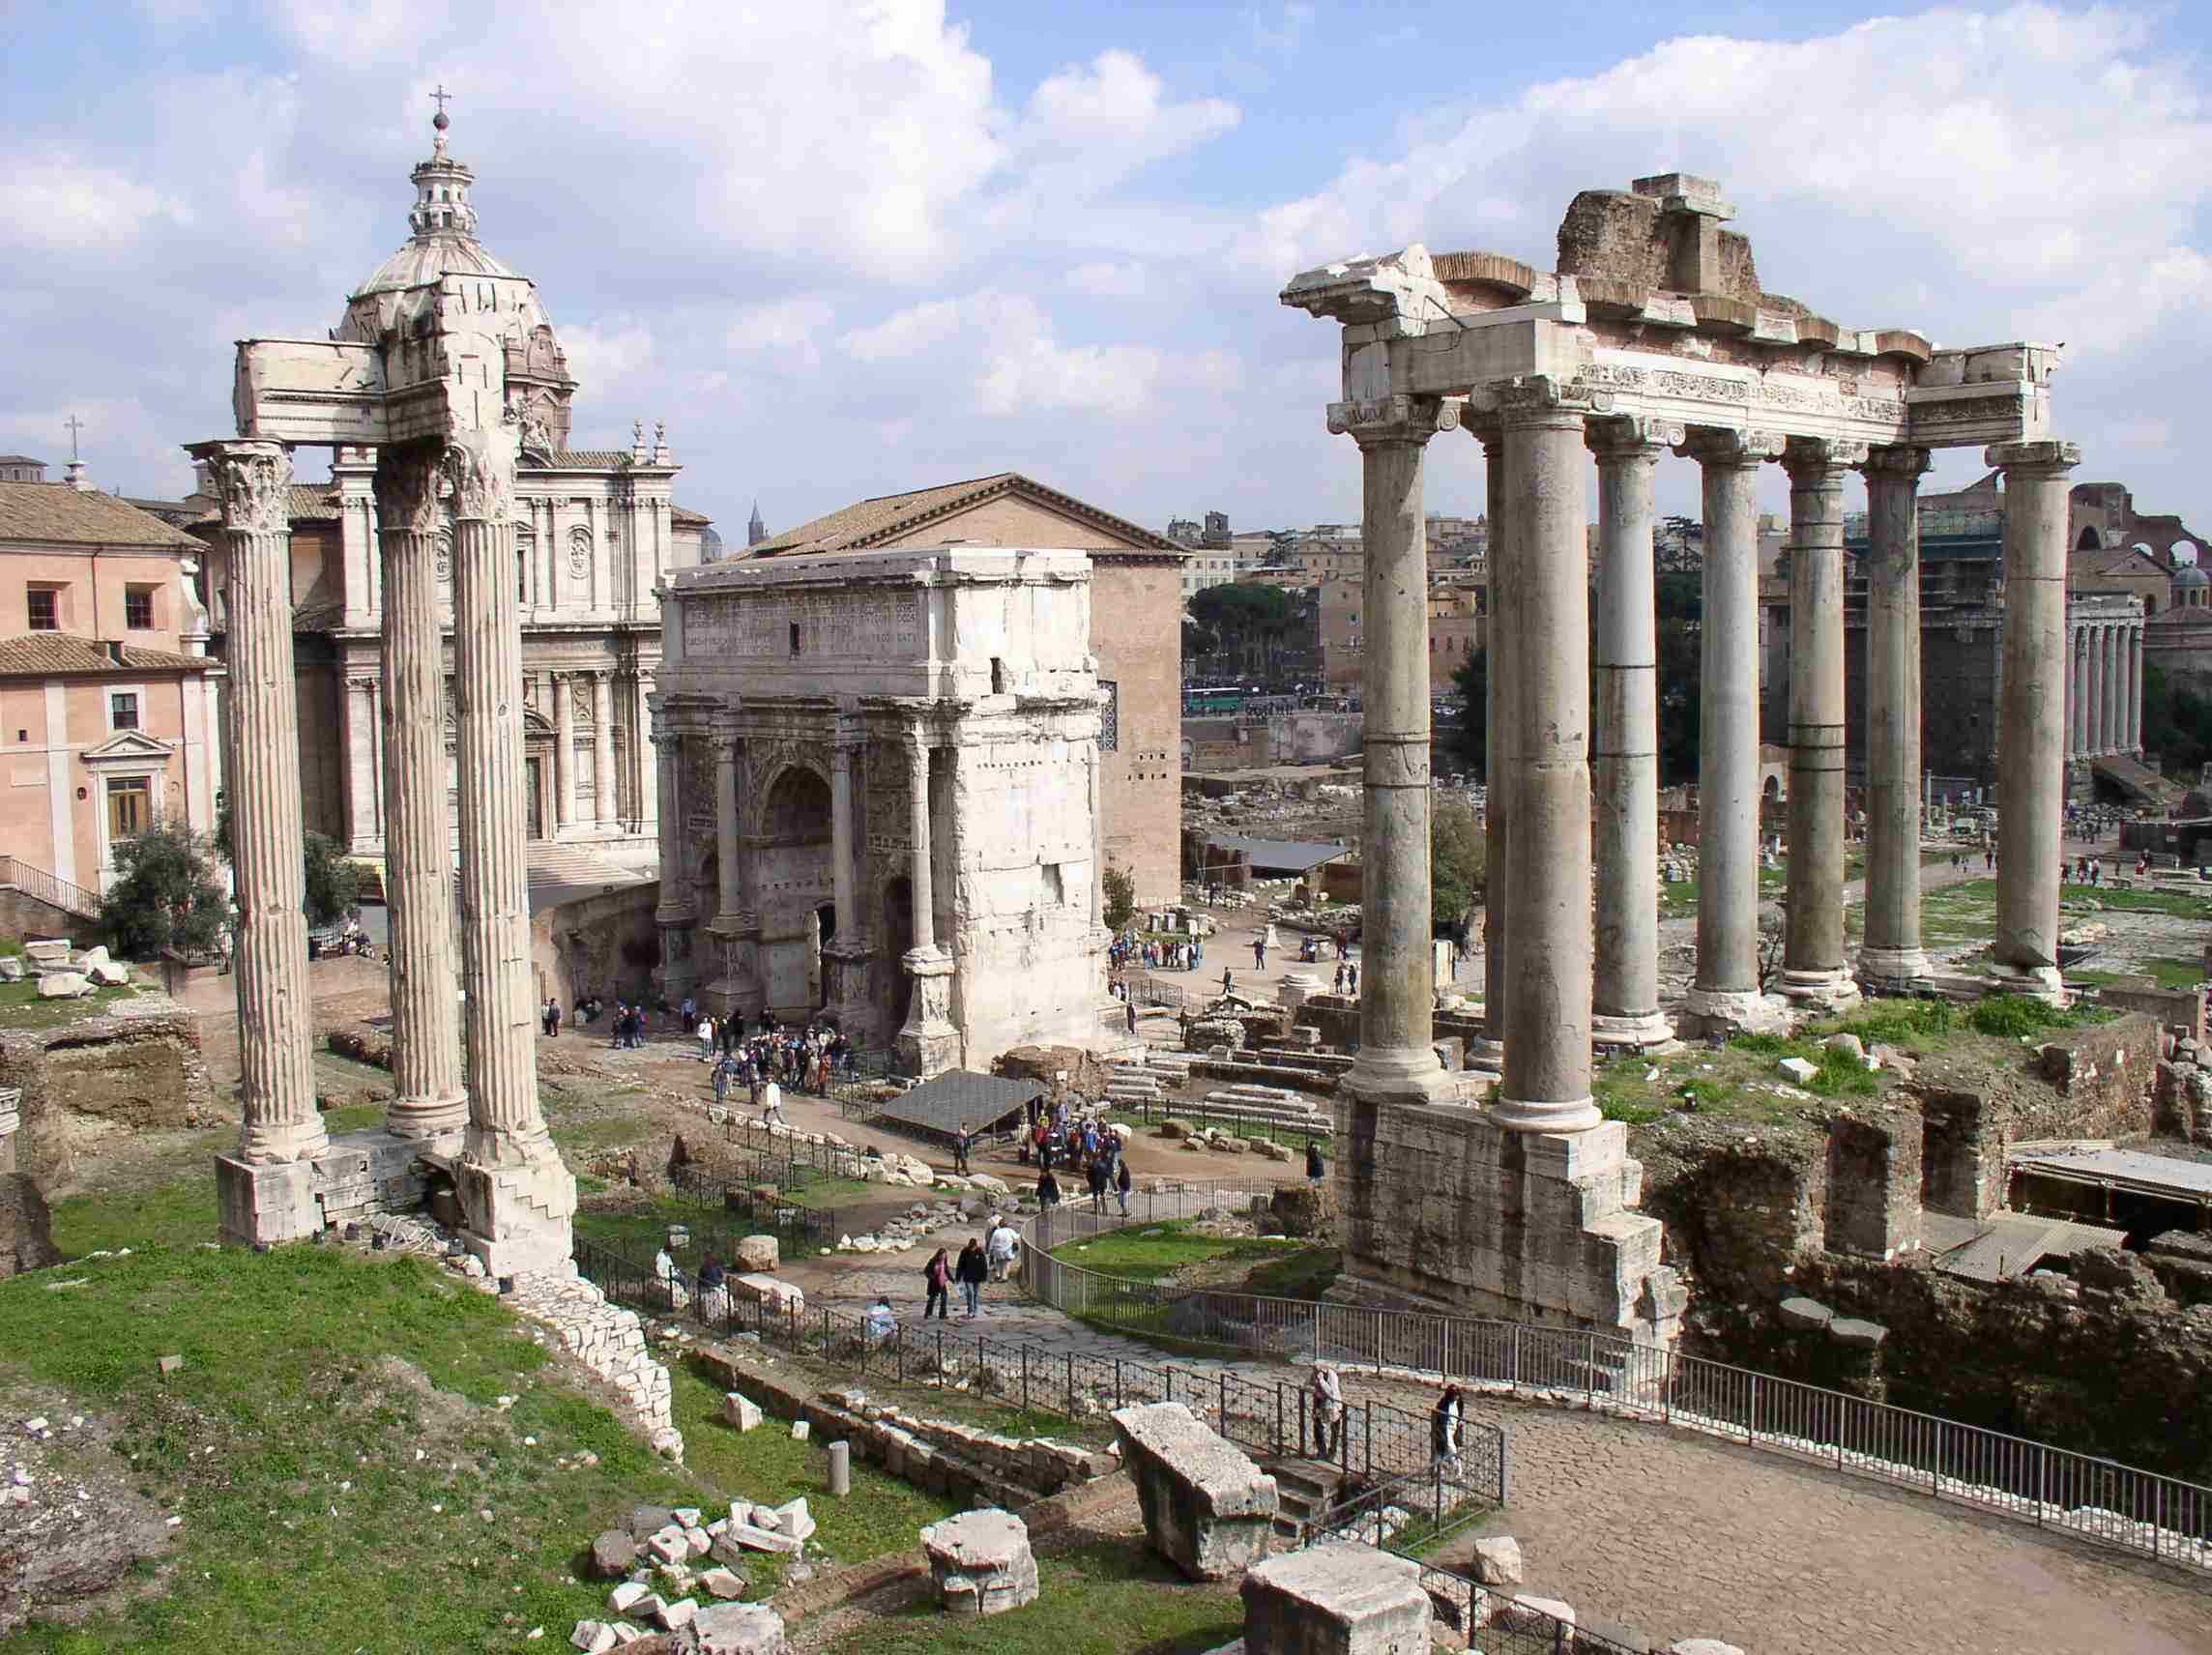 Η αγορά της αρχαίας Ρώμης.